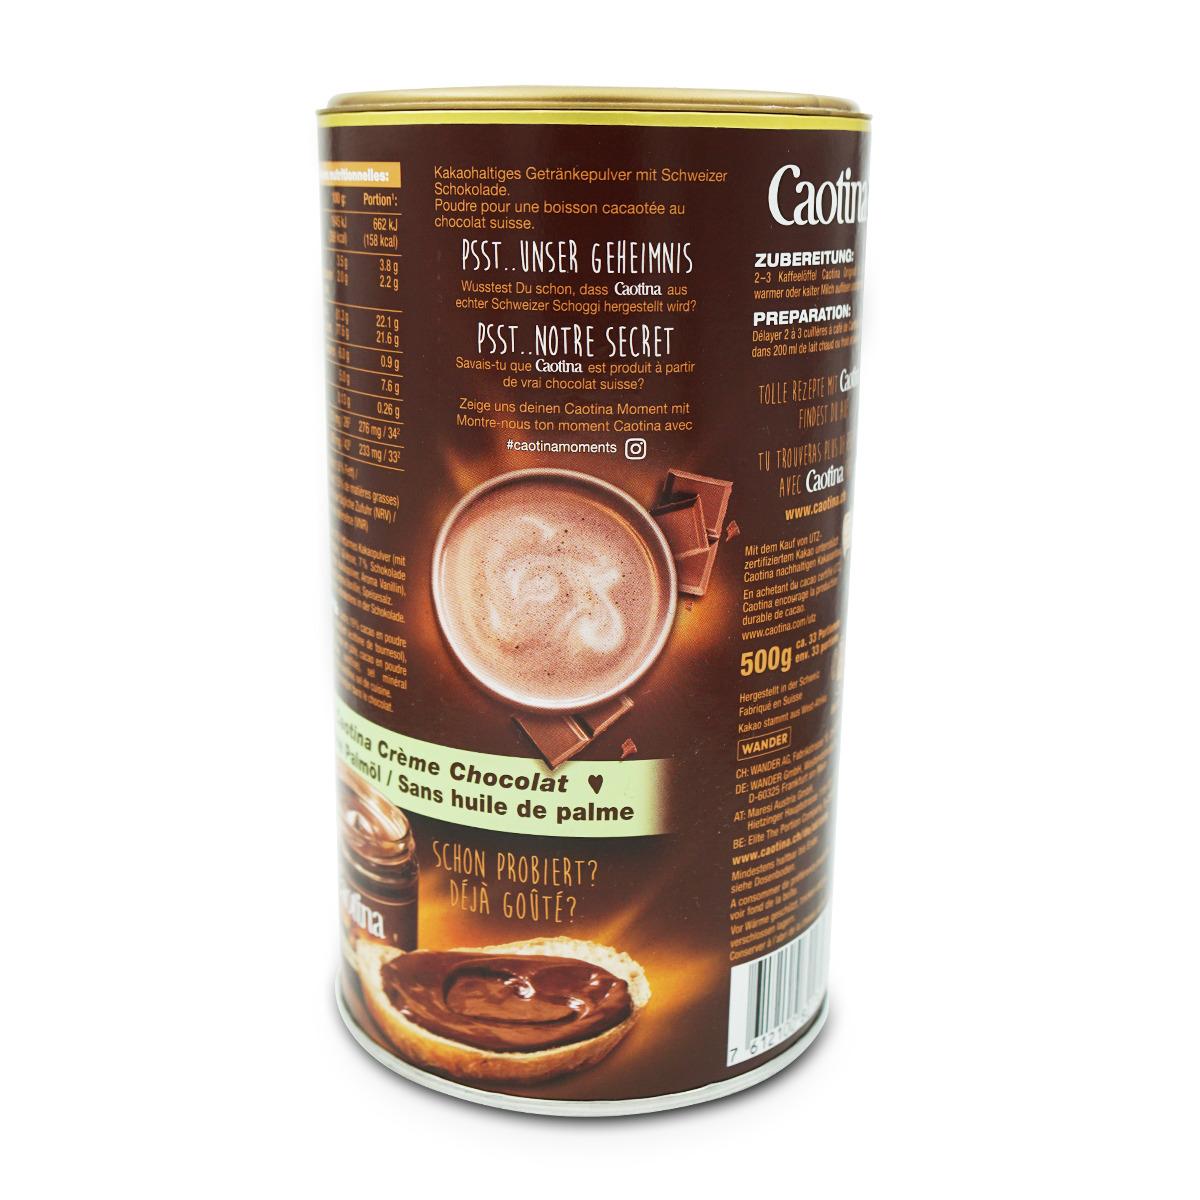 Caotina Original Schokoladenpulver